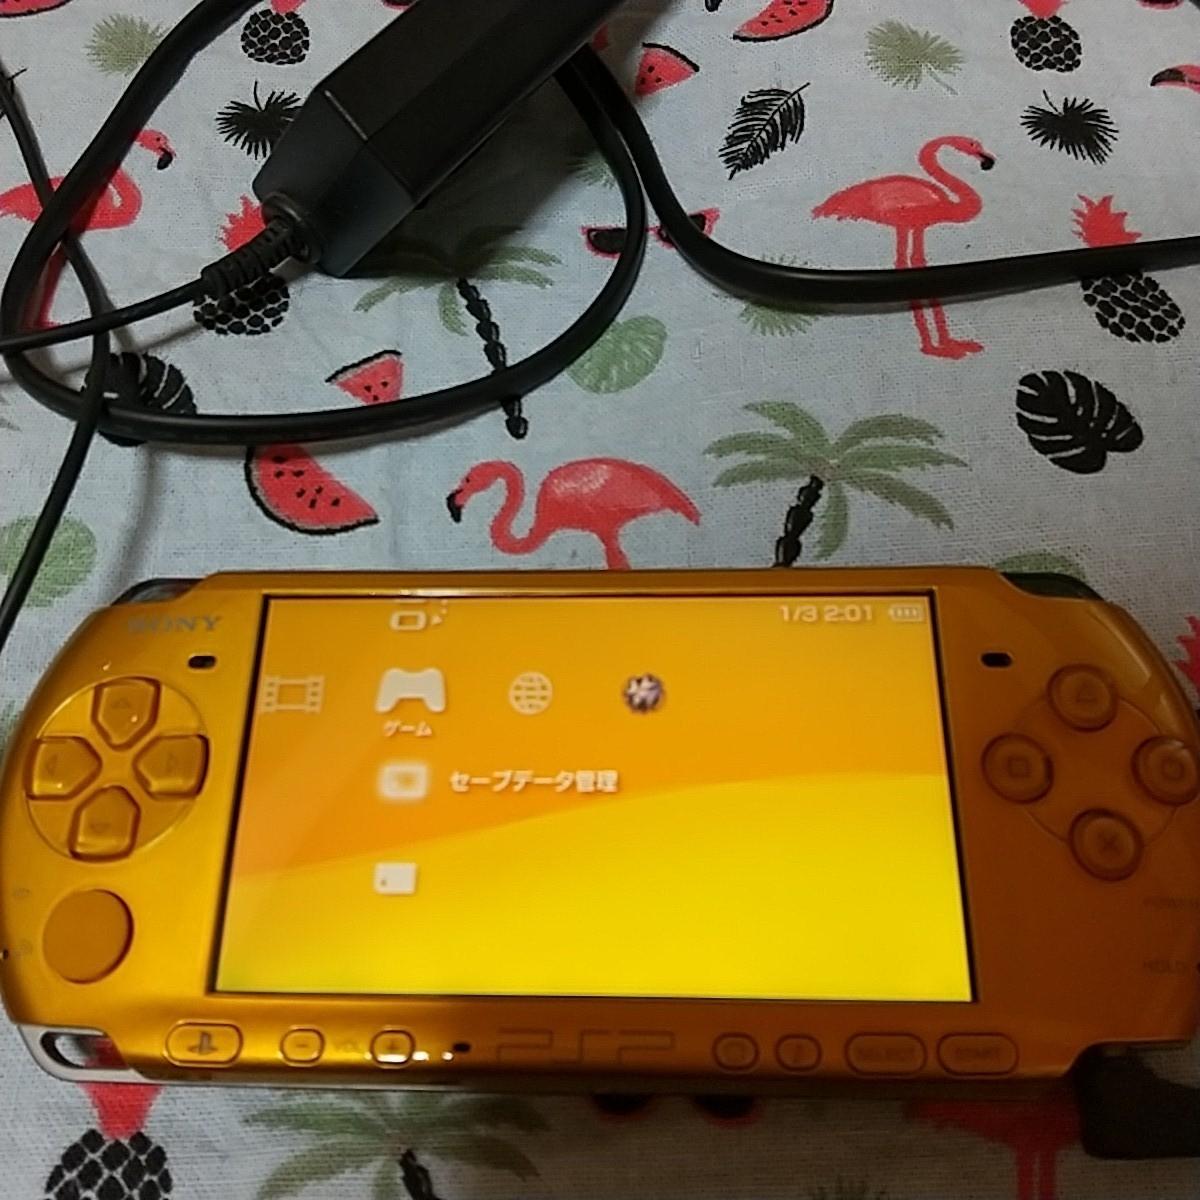 PSP-3000/ブライトイエロー/PSP3000/イエロー/レアカラー